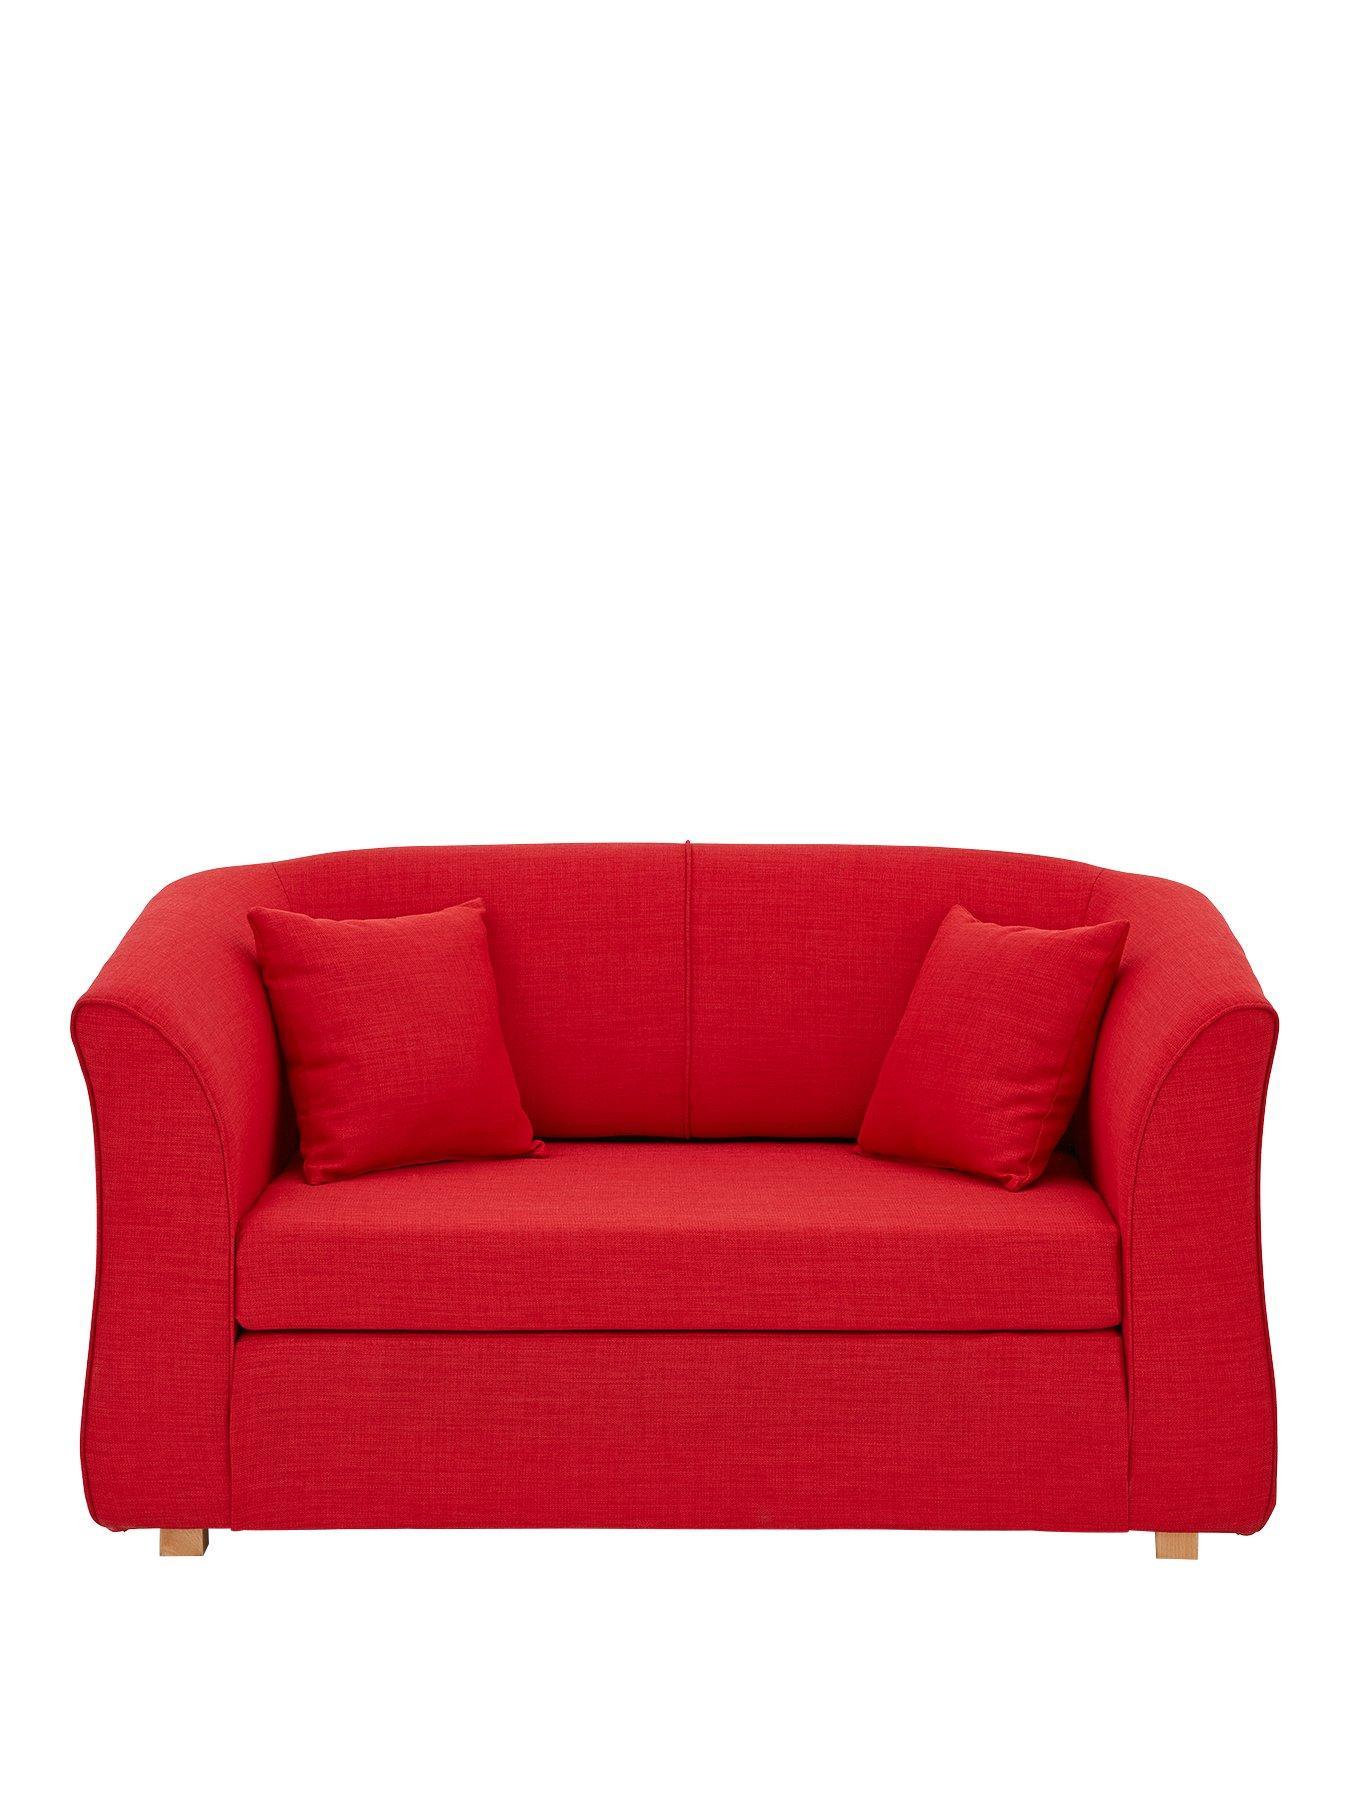 fabric sofas red sofas home garden www very co uk rh very co uk Modern Fabric Sofa Modern Fabric Sofa